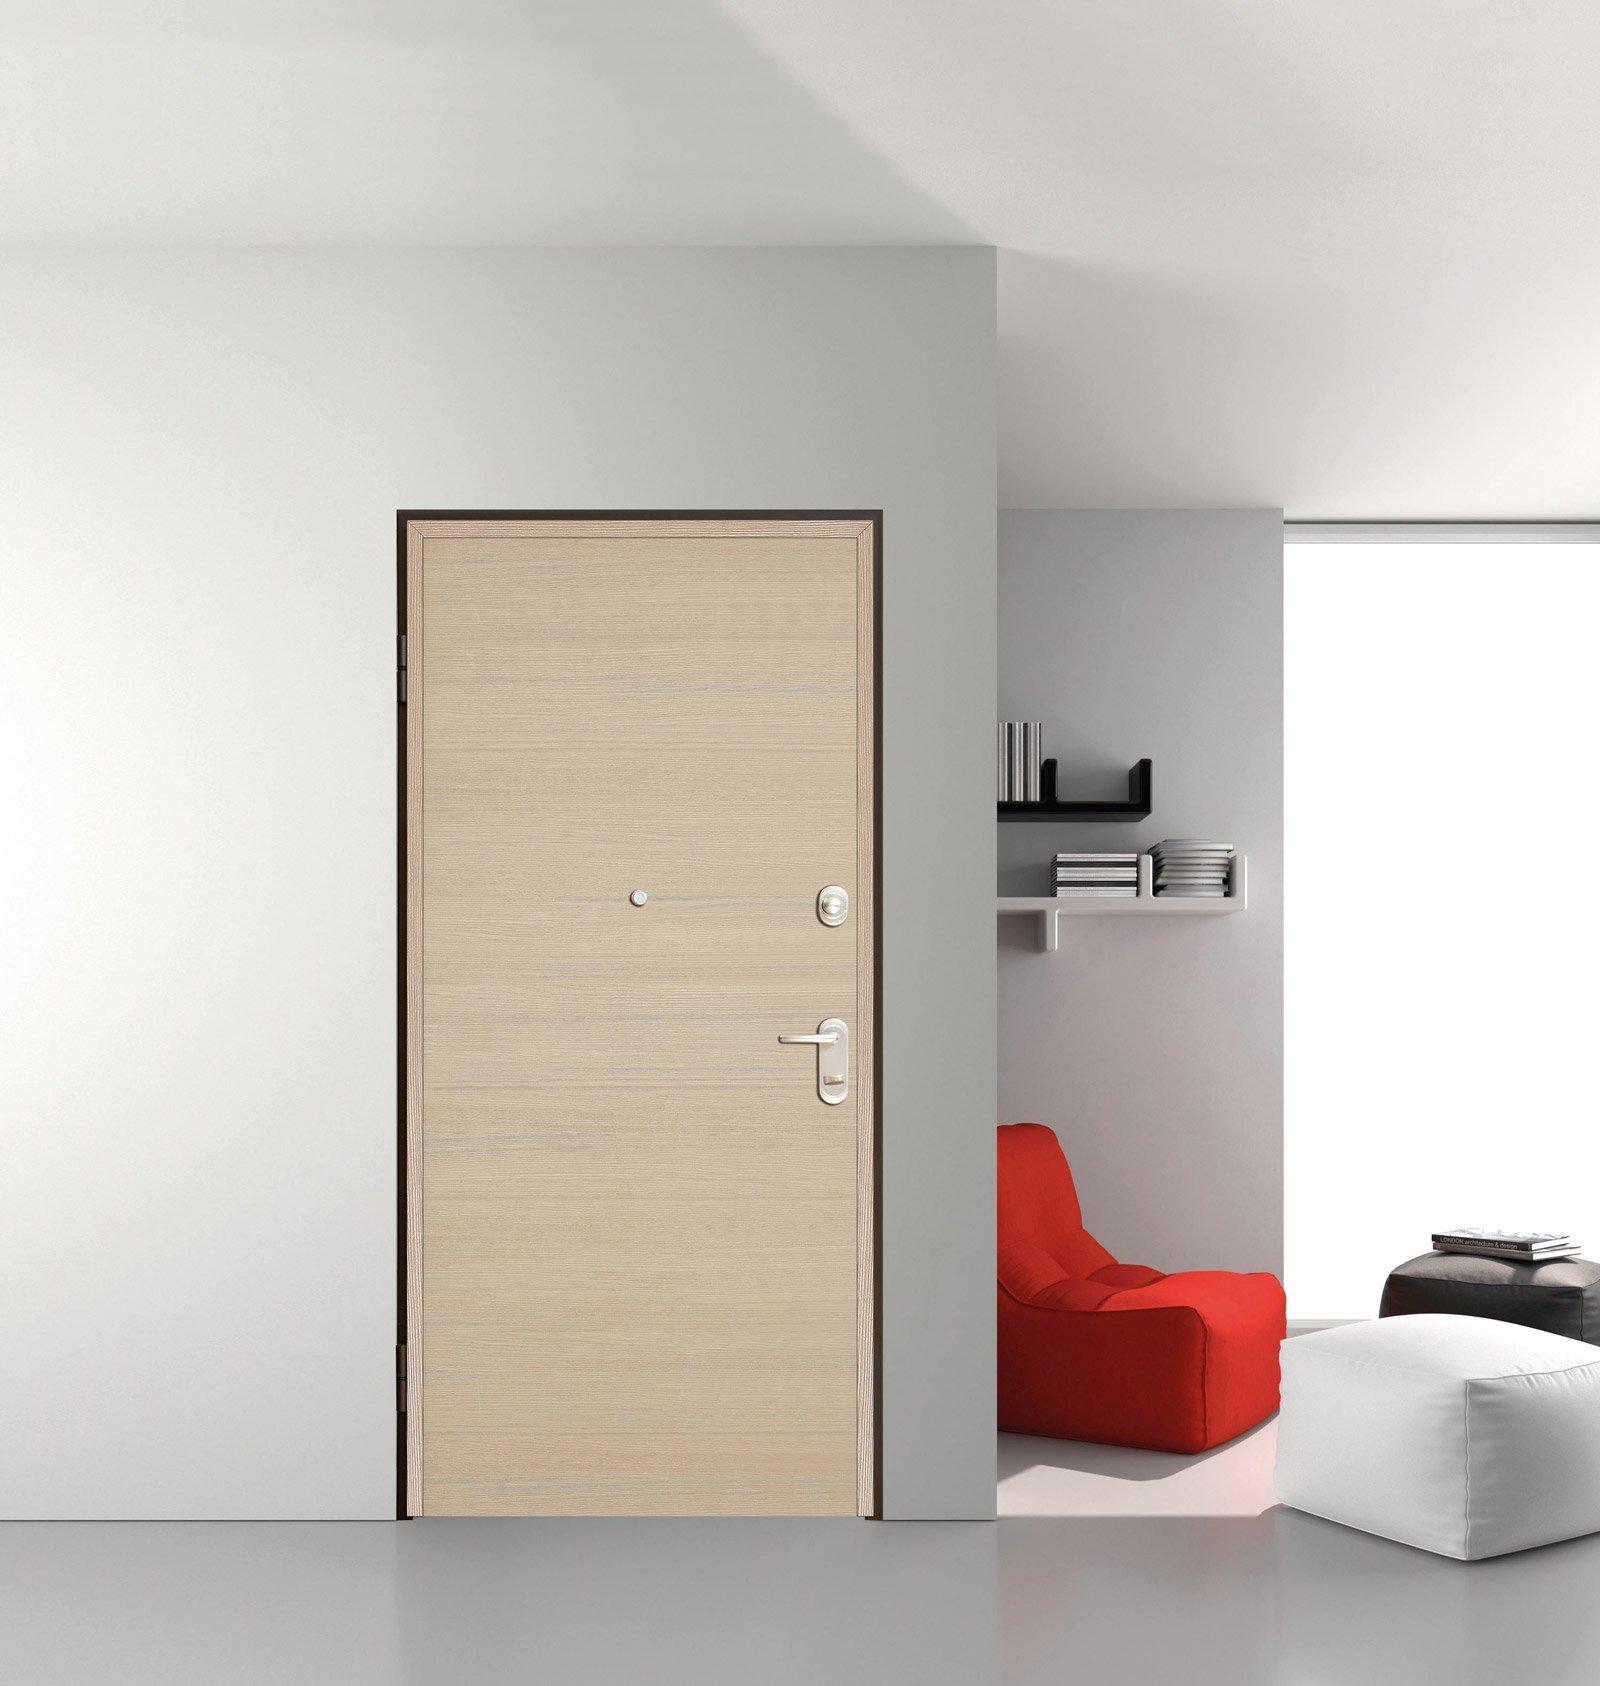 Ingressi protetti all 39 interno e all 39 esterno cose di casa - Porta abiti ingresso ...